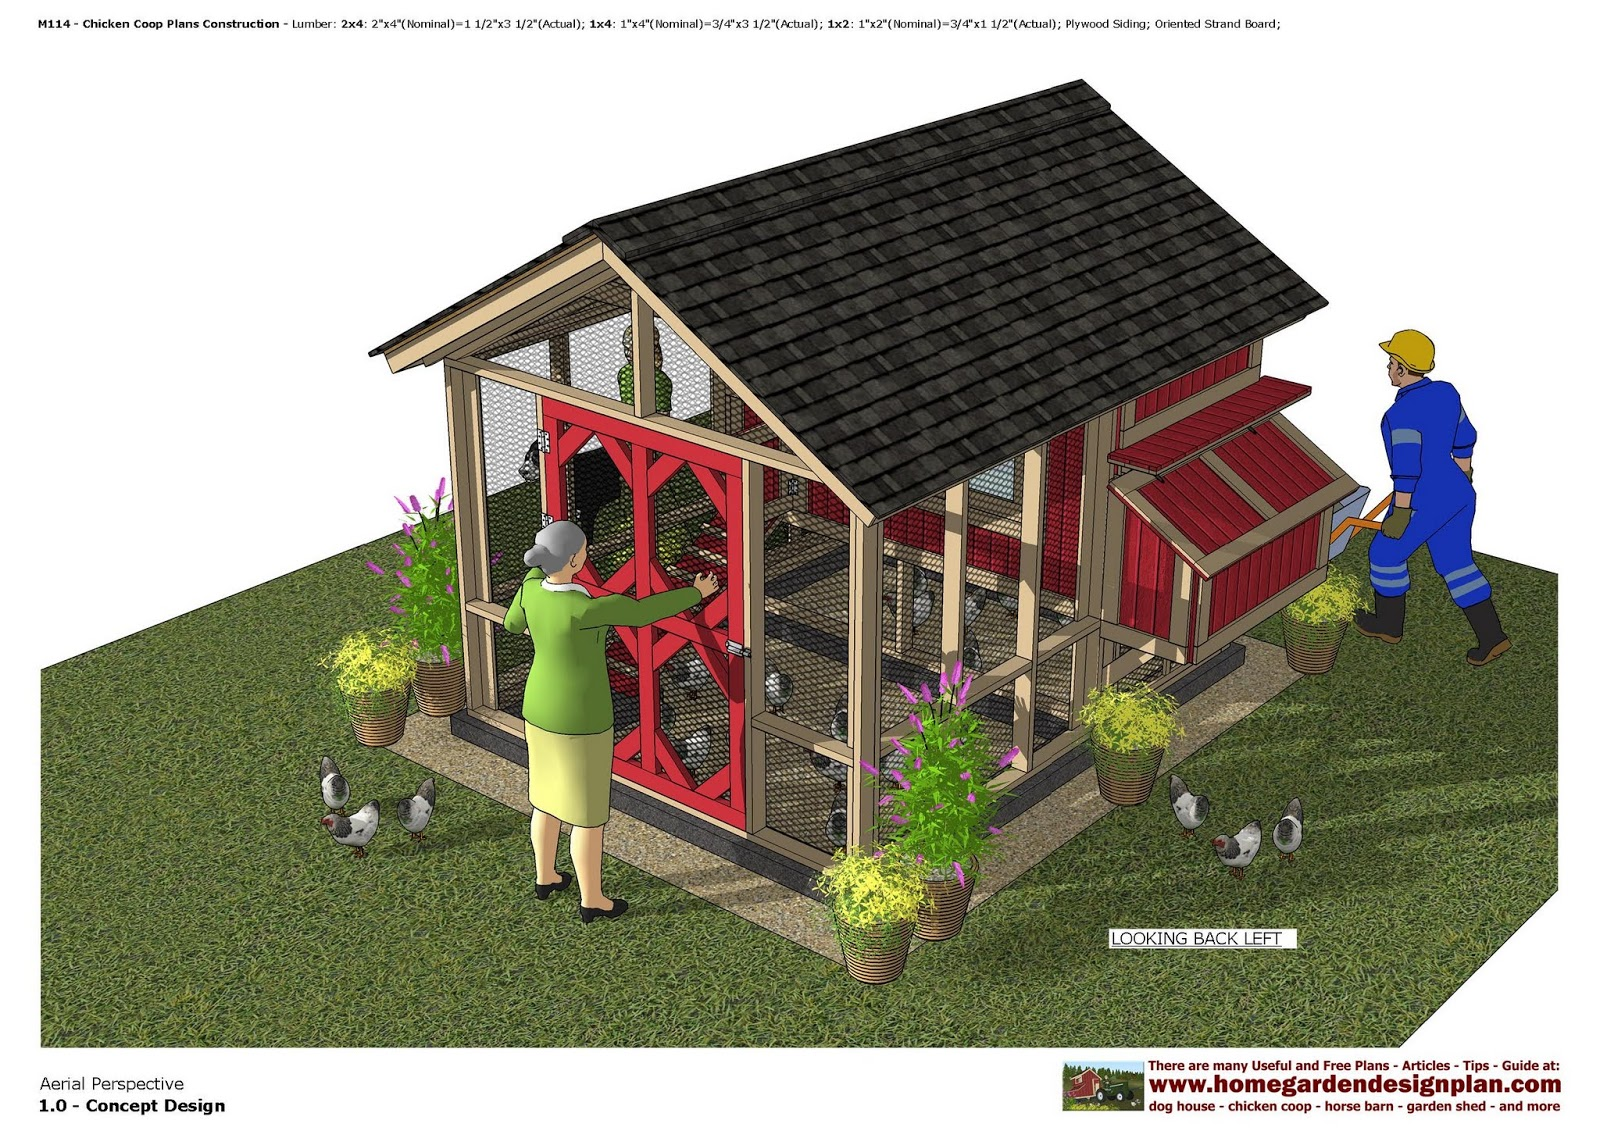 home garden plans M114 Chicken Coop Plans Construction Chicken – Chicken Coop With Garden Roof Plans